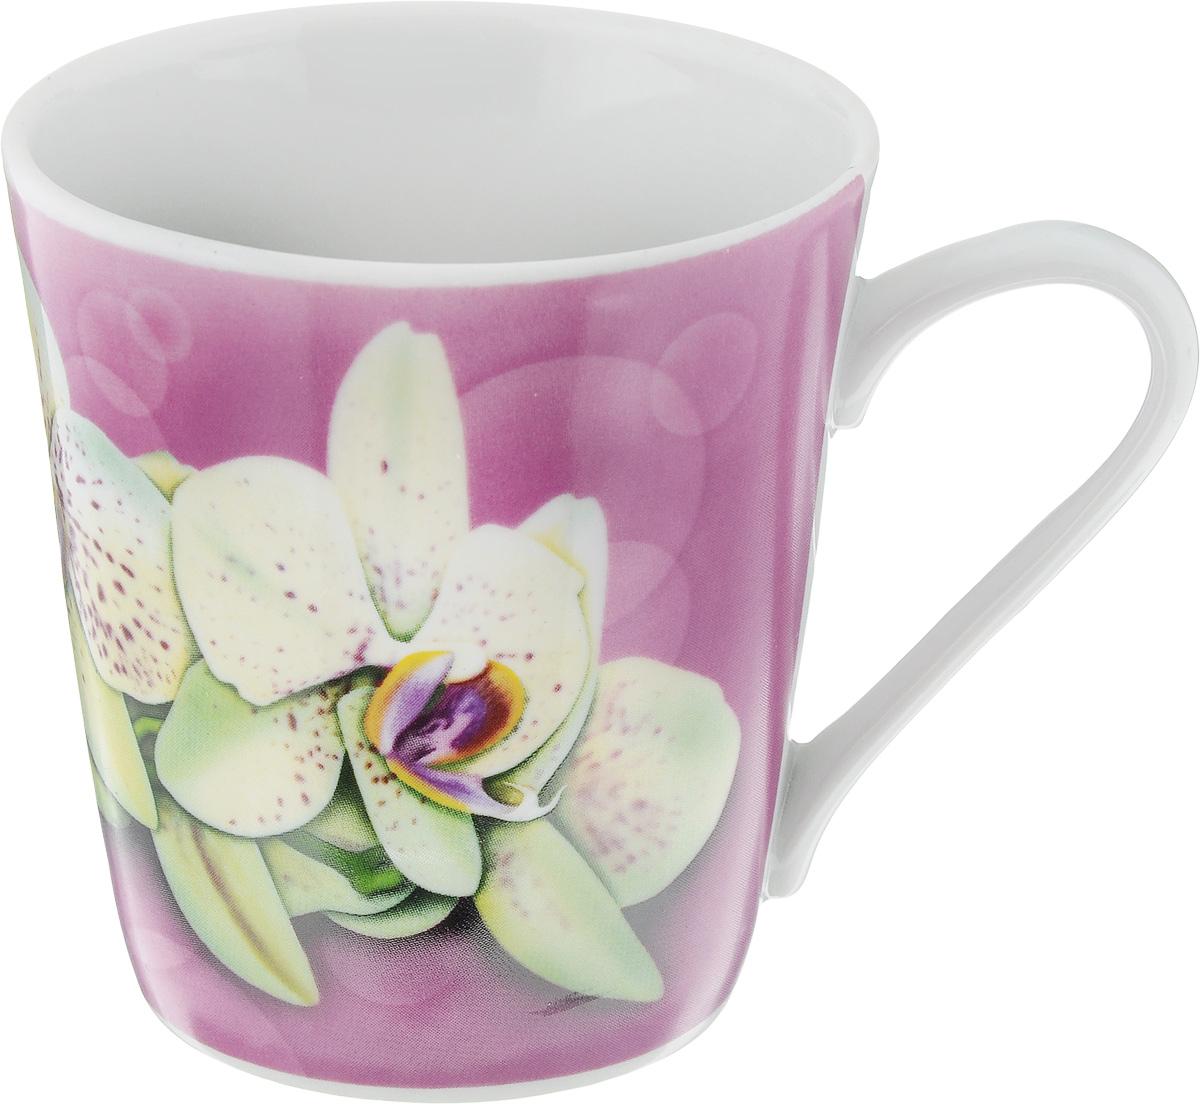 Кружка Классик. Орхидея, цвет: розовый, белый, 300 мл1333019_розовыйКружка Классик. Орхидея изготовлена из высококачественного фарфора. Изделие оформлено красочным рисунком и покрыто превосходной сверкающей глазурью. Изысканная кружка прекрасно оформит стол к чаепитию и станет его неизменным атрибутом. Диаметр кружки (по верхнему краю): 9 см. Высота кружки: 9,5 см.